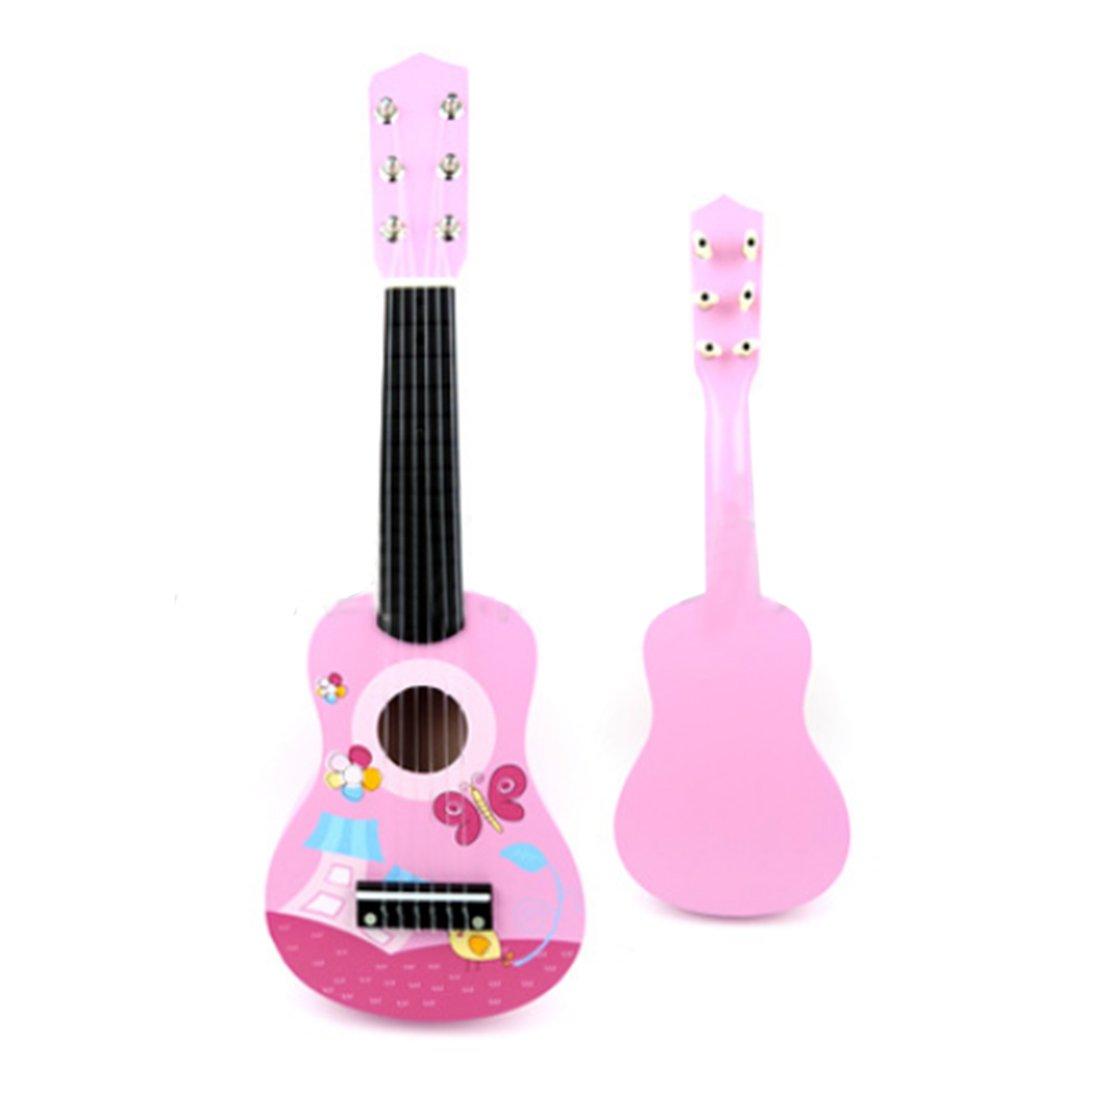 Kinder Gitarre, Foxom 21' Holz 6 Saiten Gitarre Spielzeug Musikinstrument Pädagogisches Spielzeug Geschenk für Kinder Junge Mädchen ab 3 Jahre (Type-1)